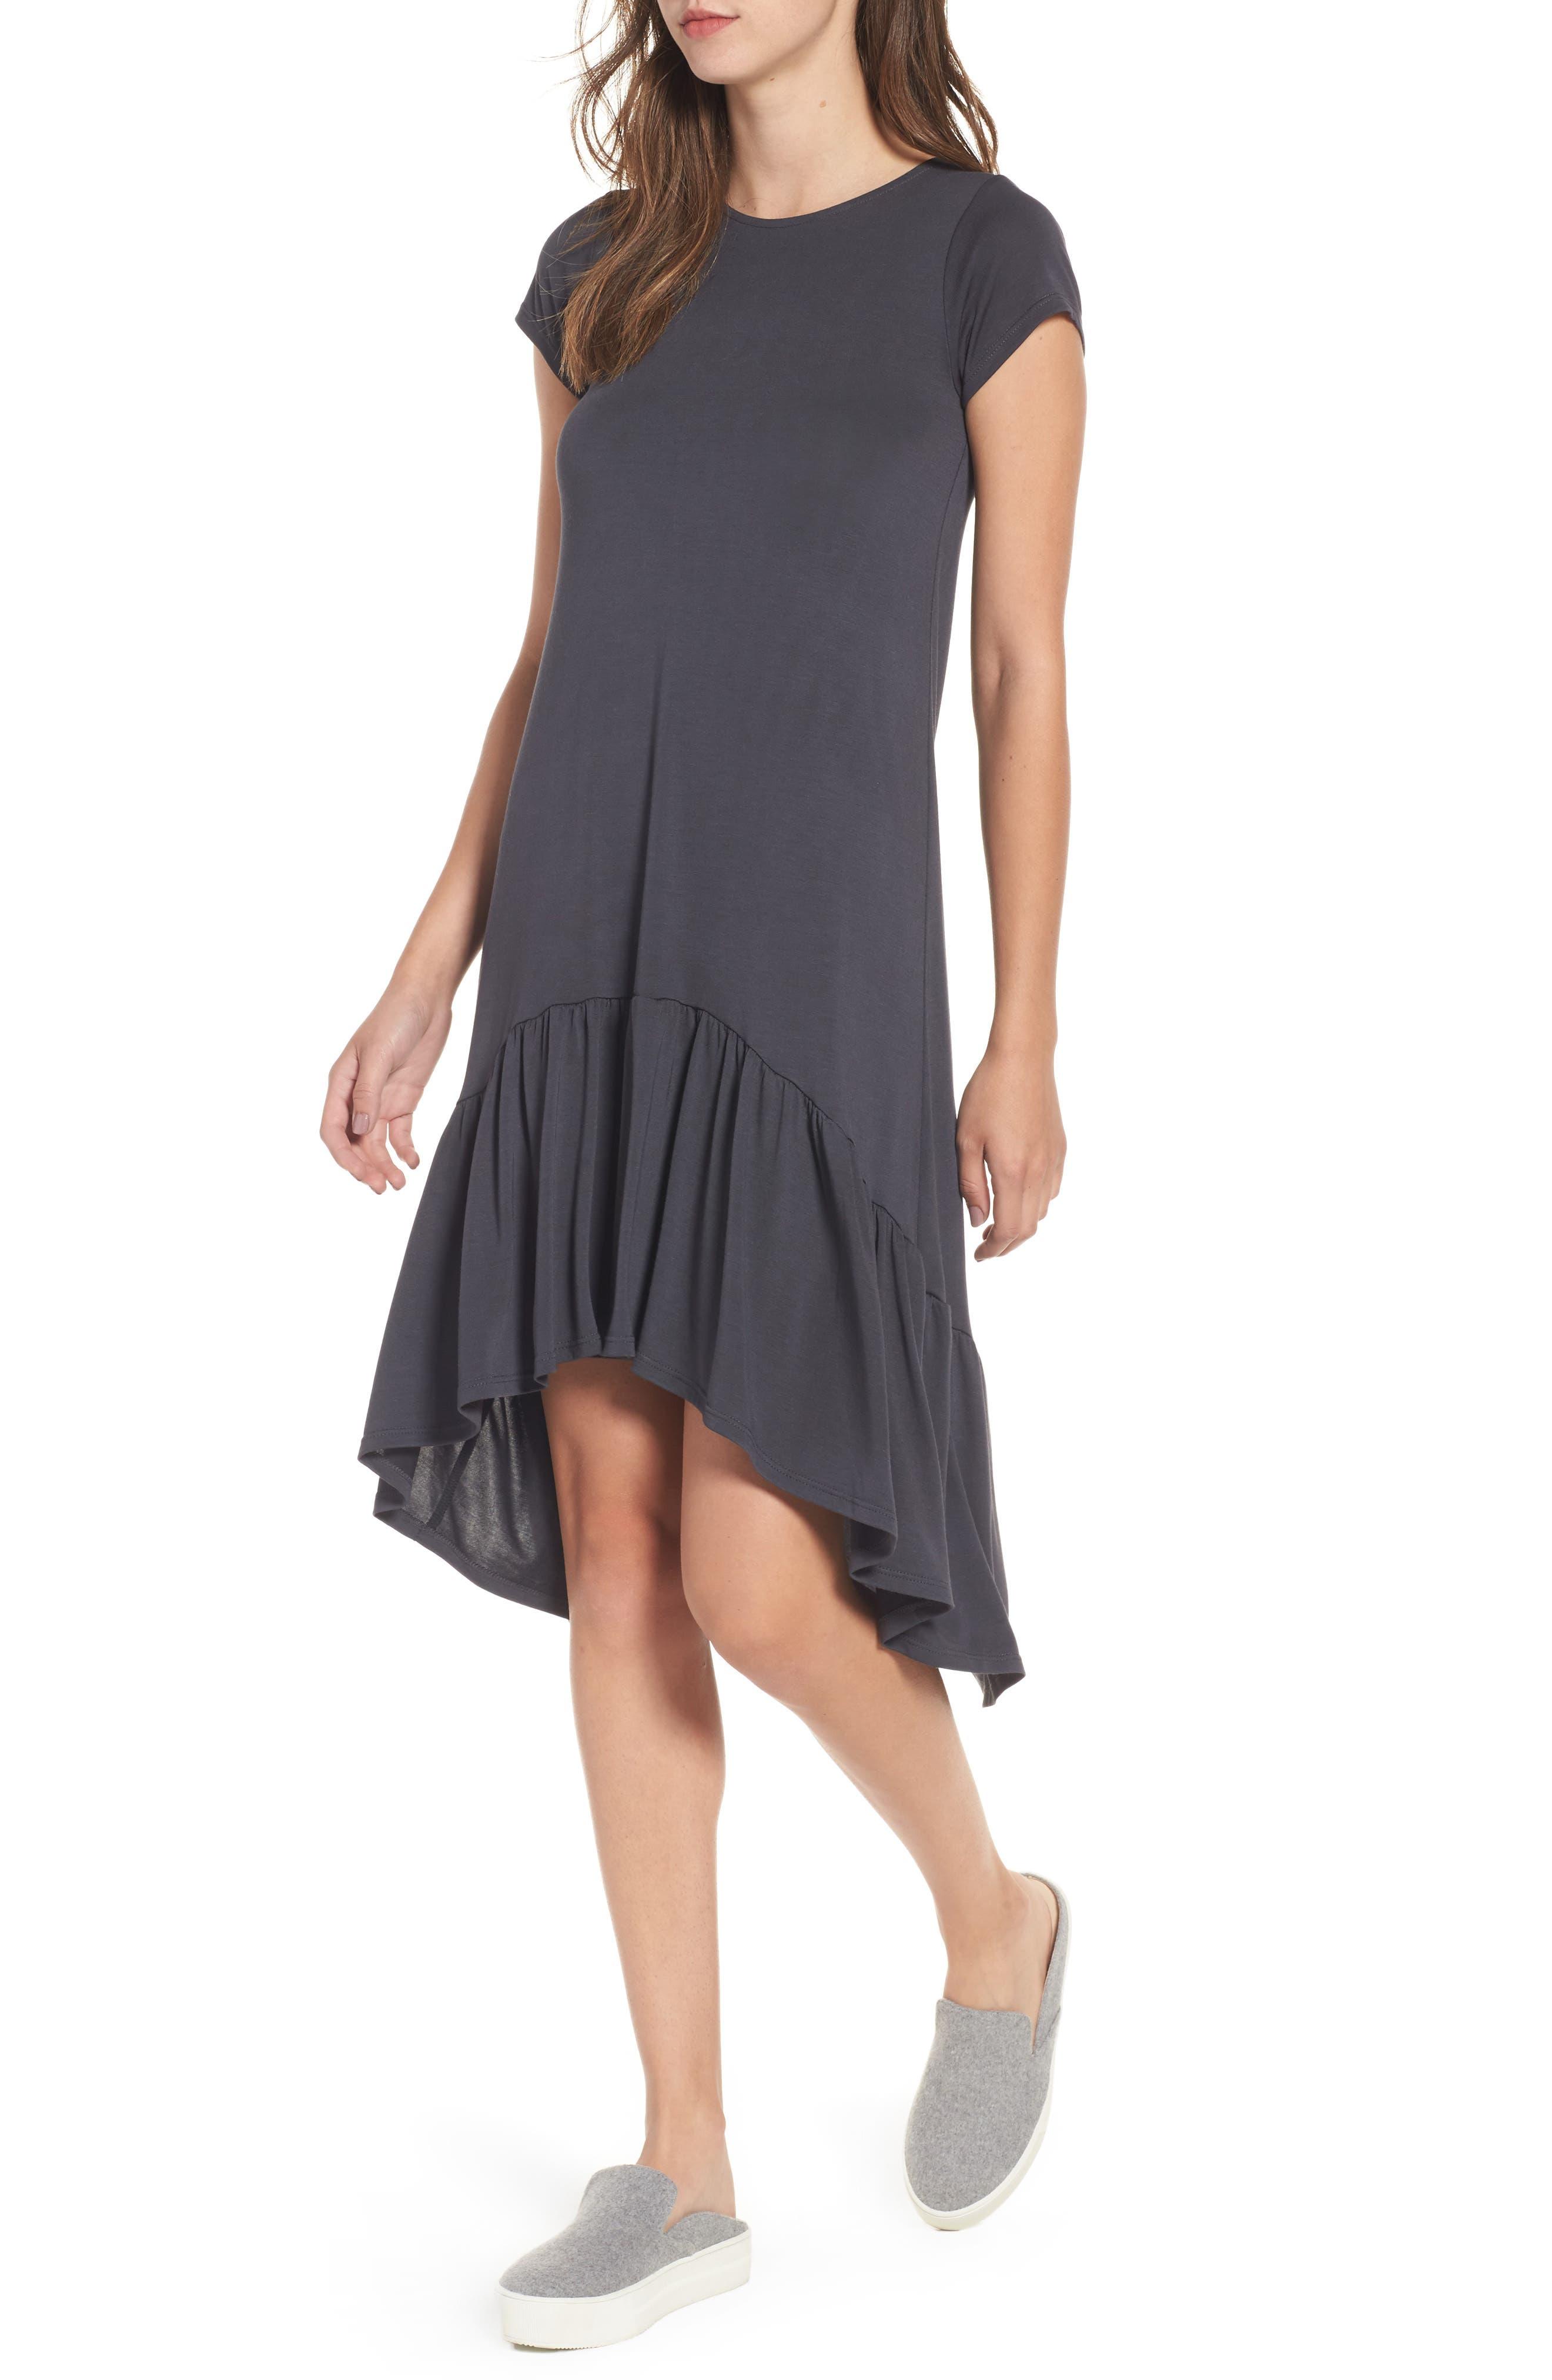 Cotton Emporium Ruffle Hem Knit T-Shirt Dress